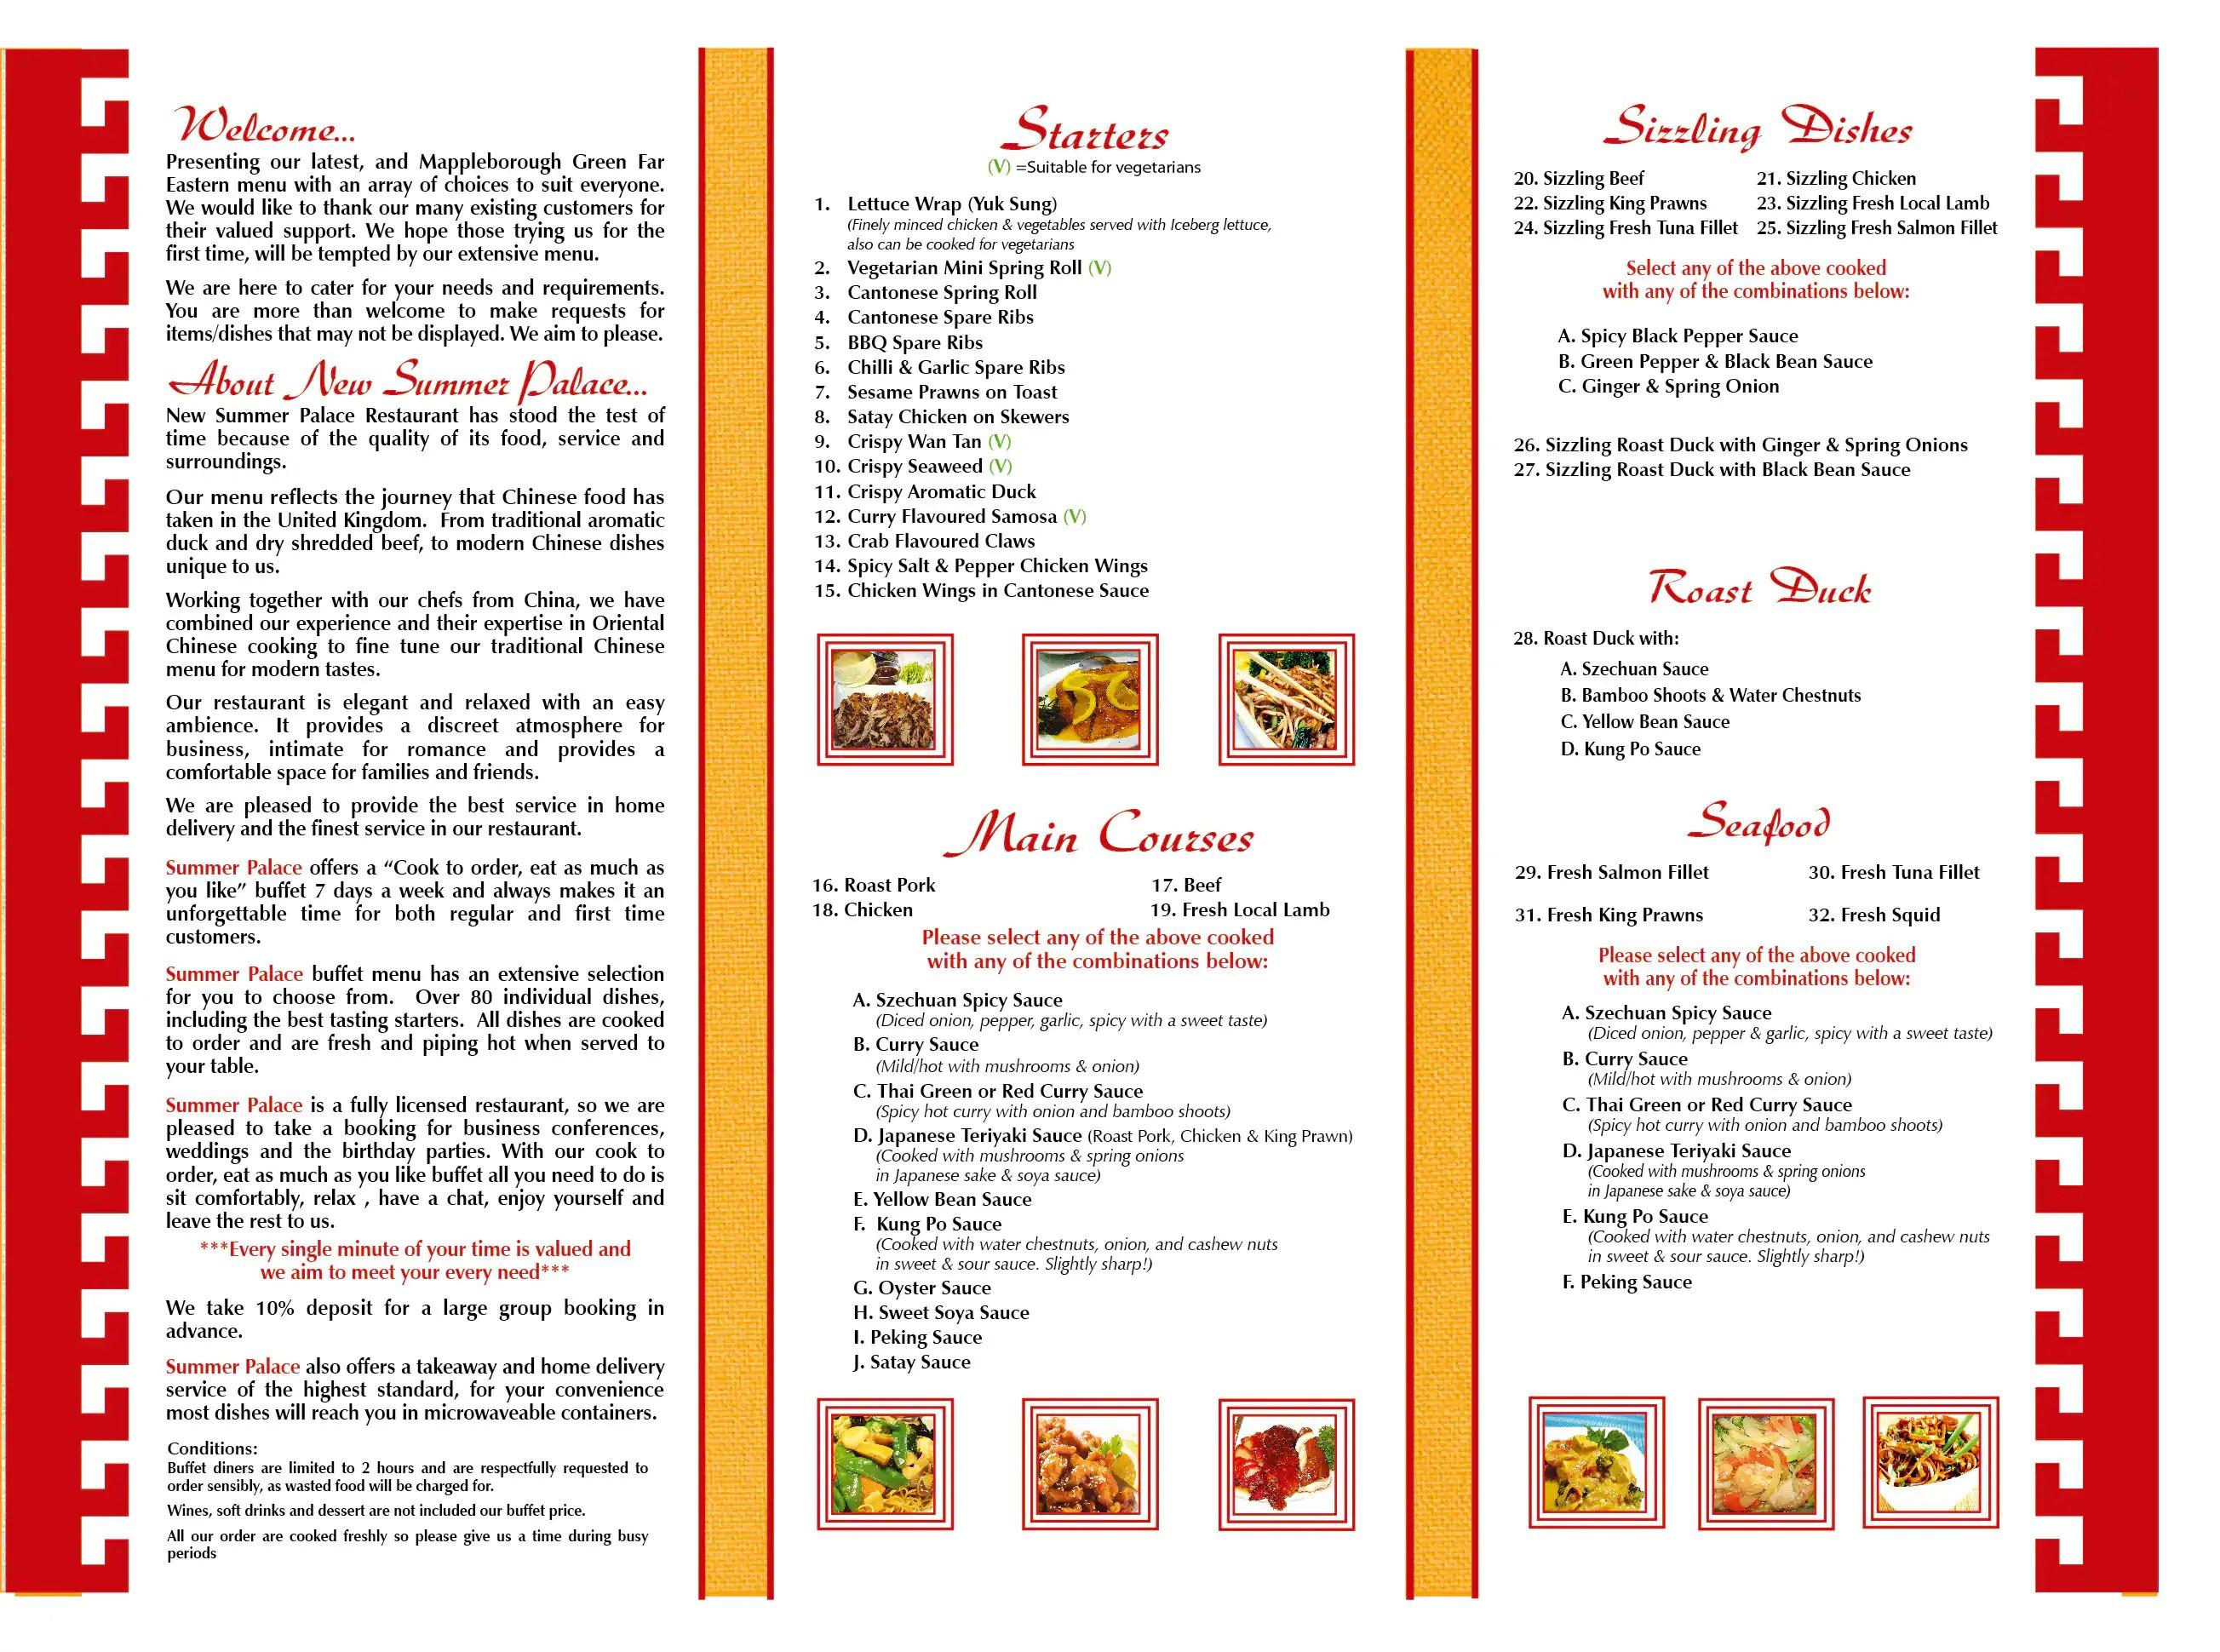 new summer palace menu